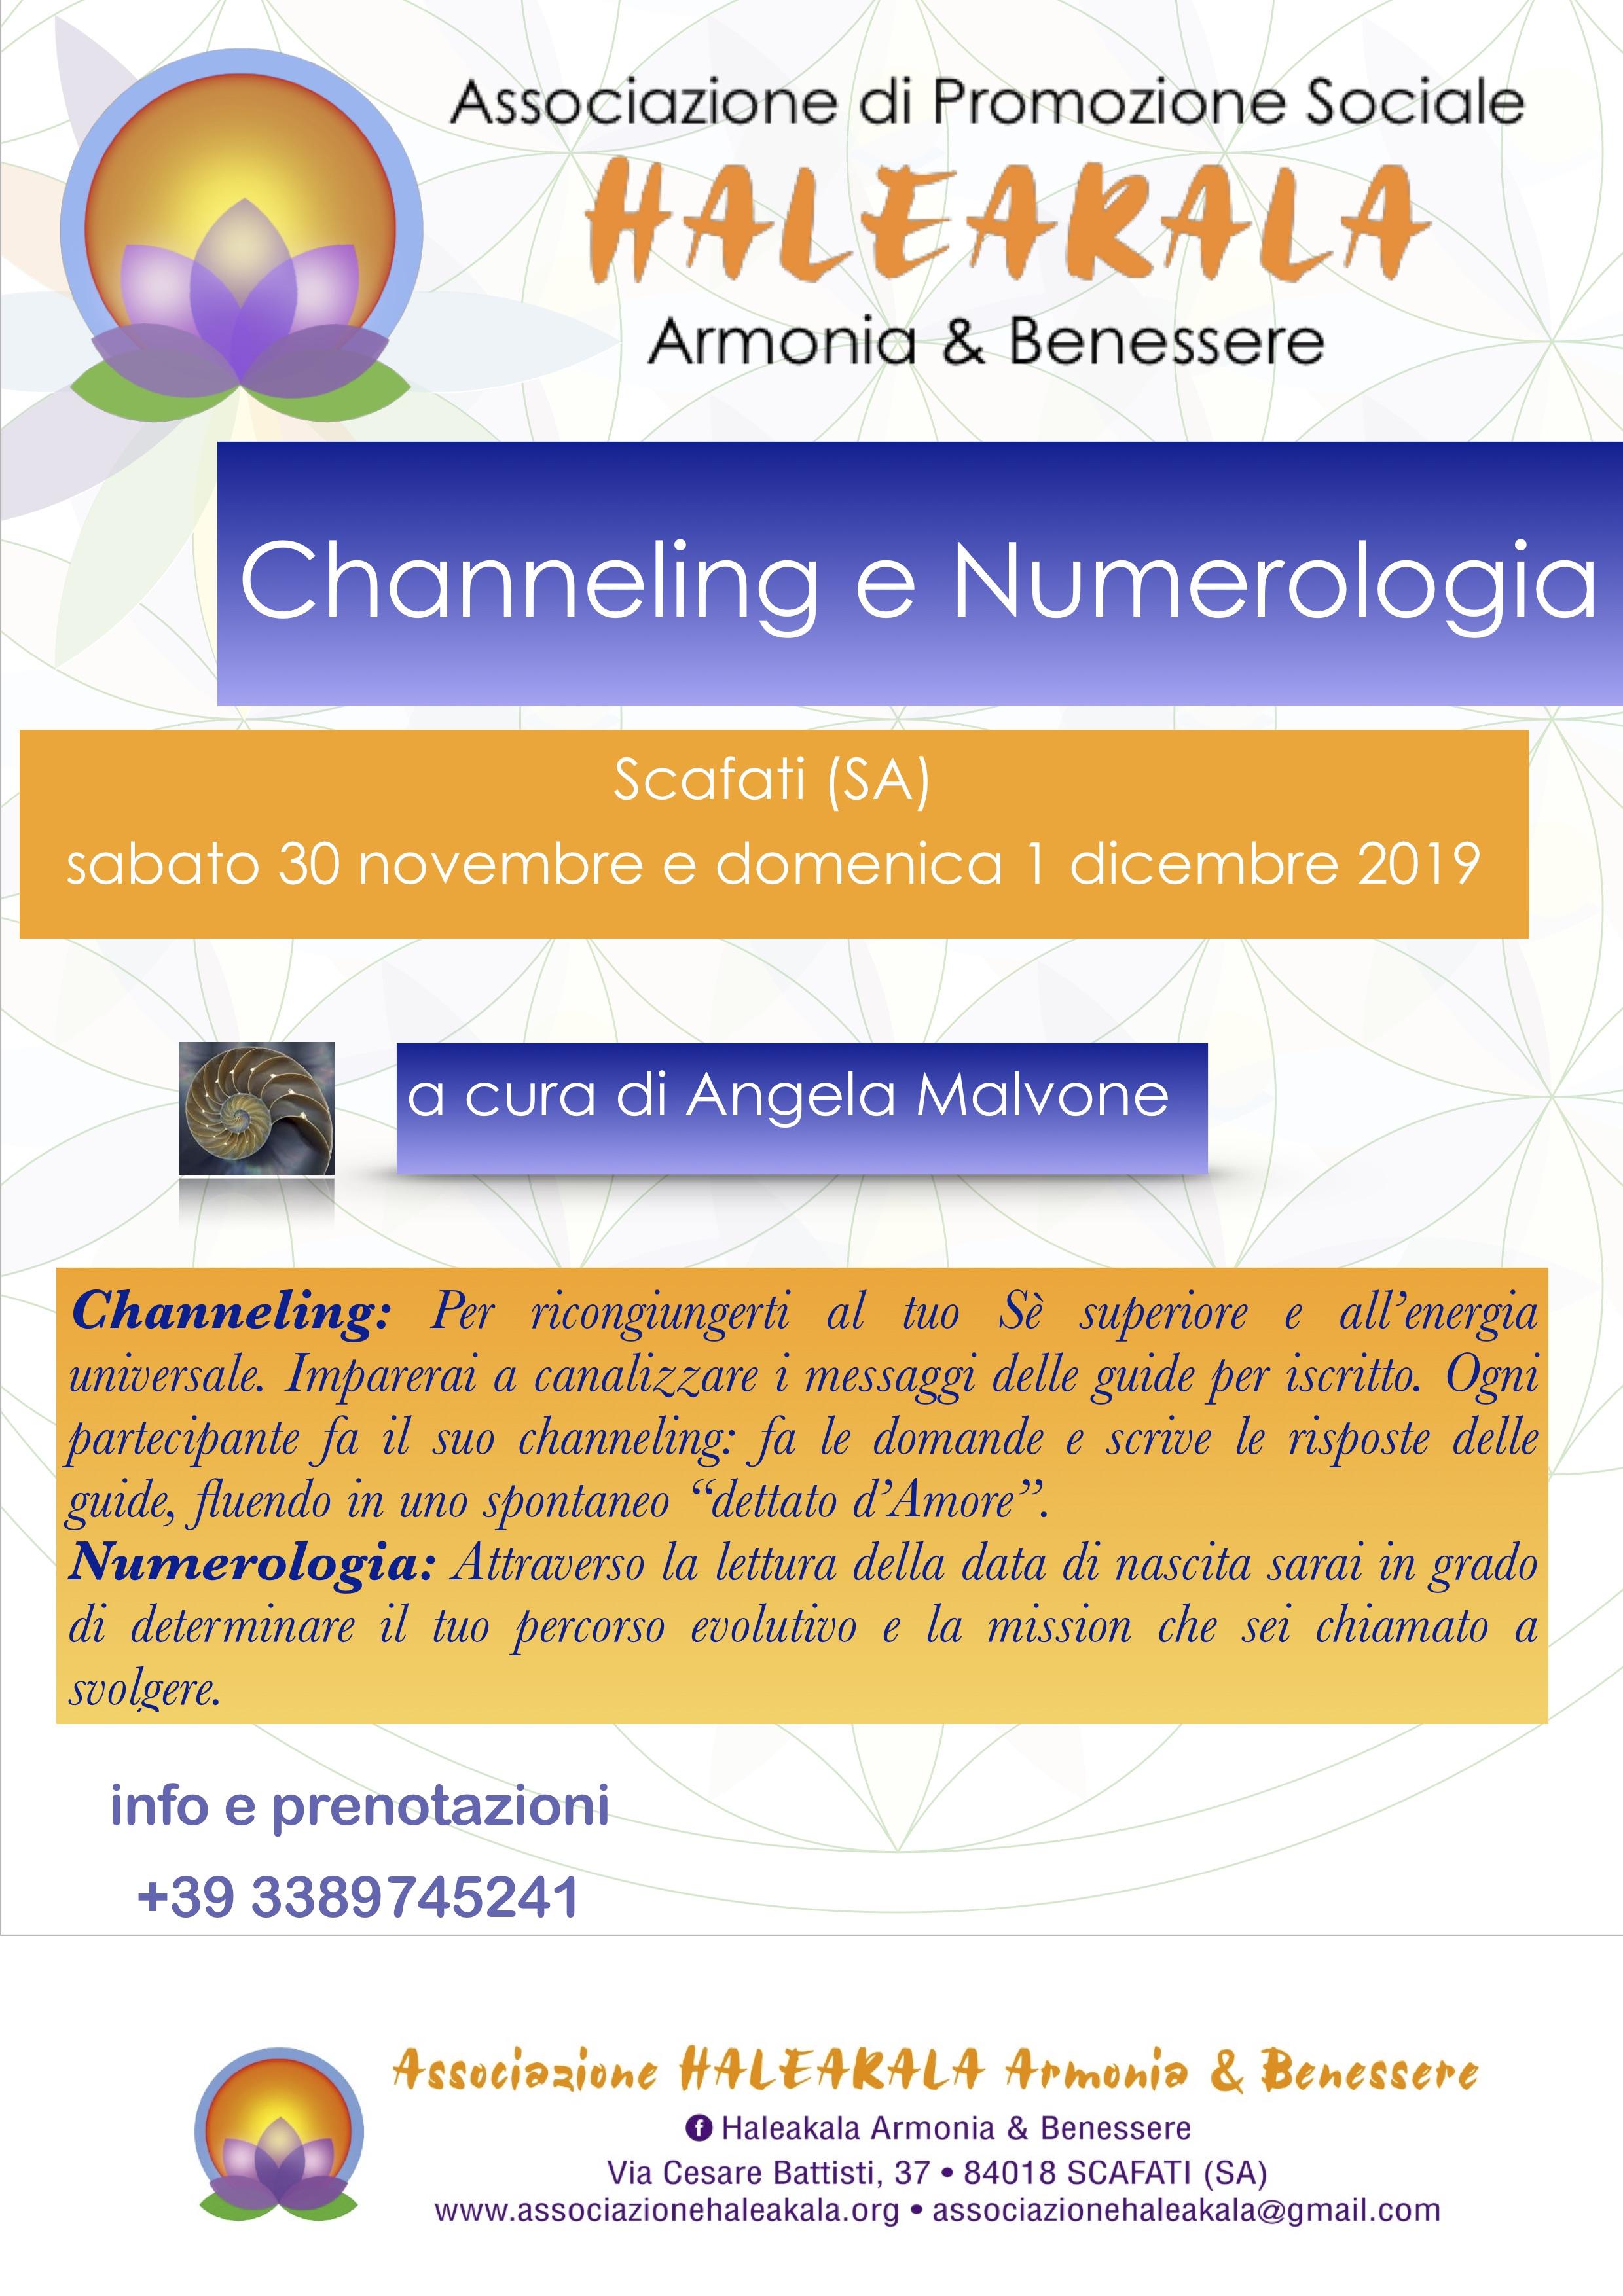 locandina channeling e numerologia 2019